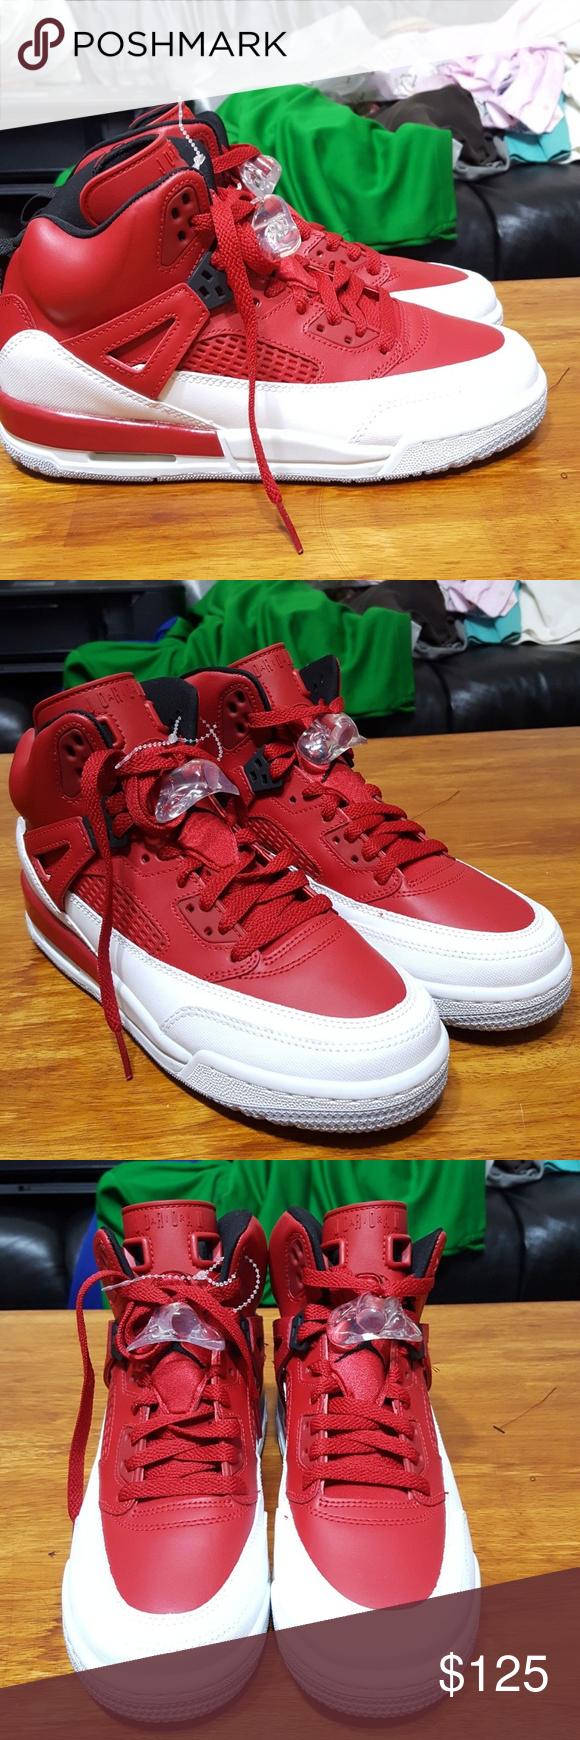 buy popular 480c1 faac5 Air Jordan Spizike Red 315371-603 sz 8 Chicago New Air Jordan Spizike